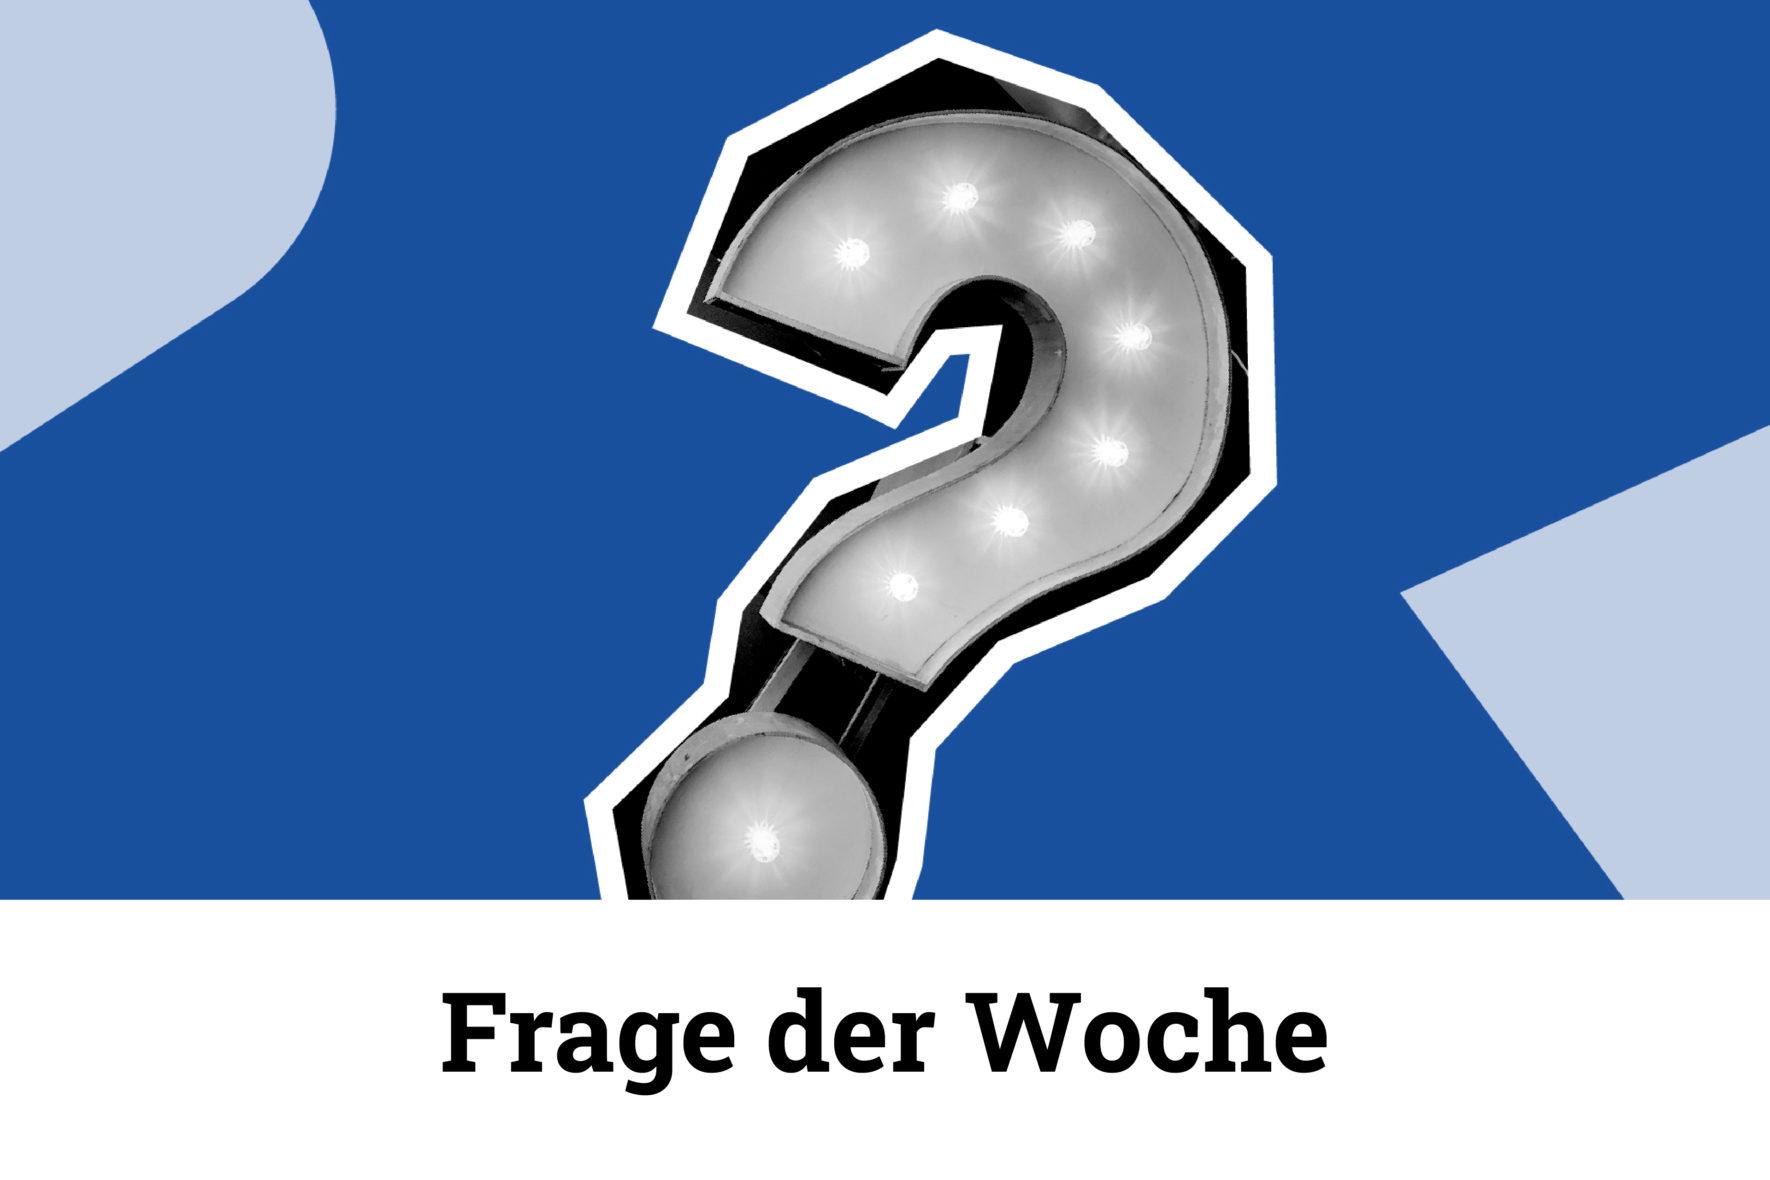 Magnetprodukt-Club-Branding-Logo-Entwicklung-FORMLOS-Berlin-Gestaltung-Design-Forenbilder-BildspracheFrage-der-Woche